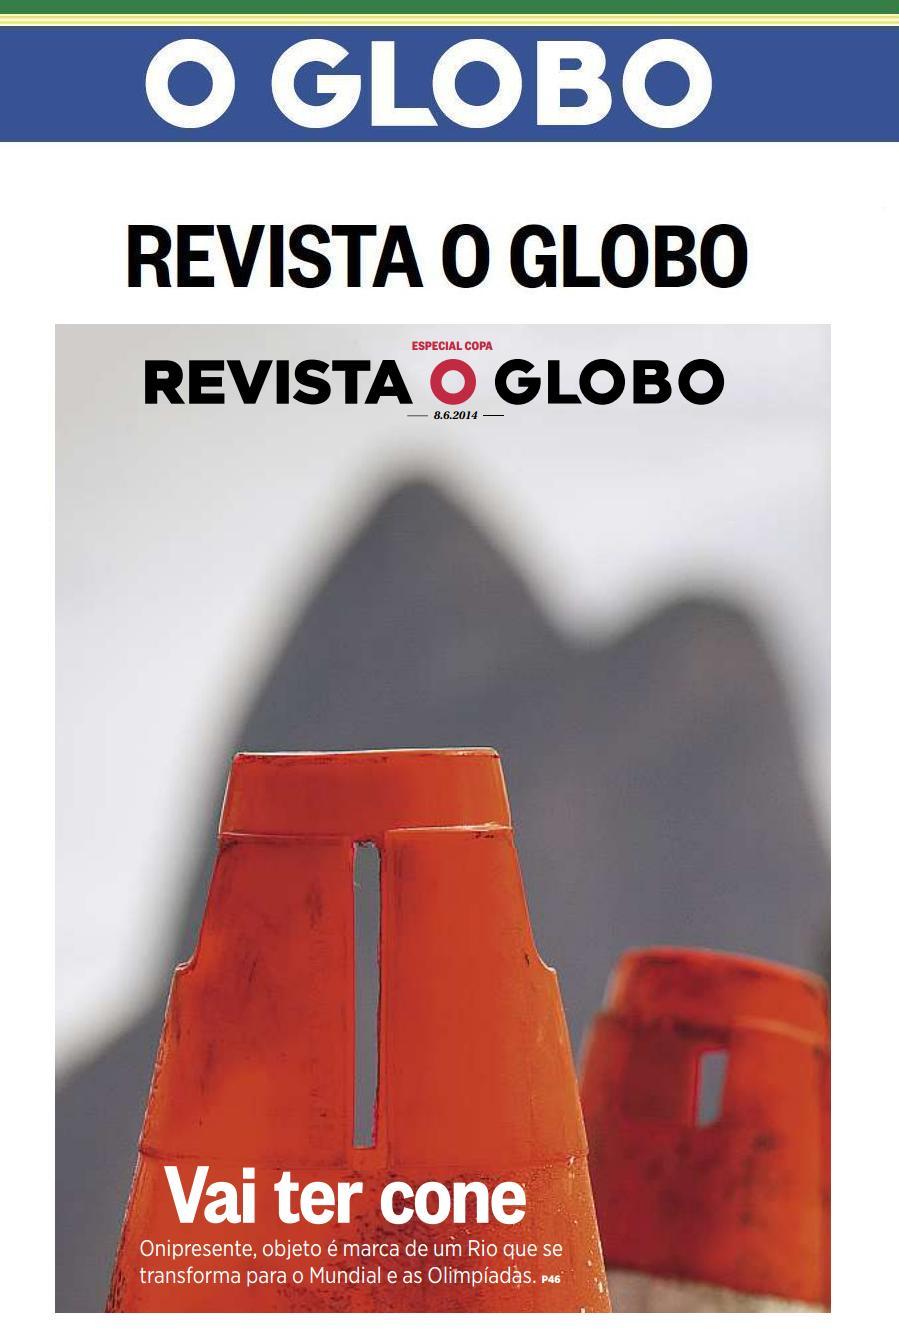 CYNTHIA PEDROSA NA REVISTA O GLOBO 08.06.2014.JPG